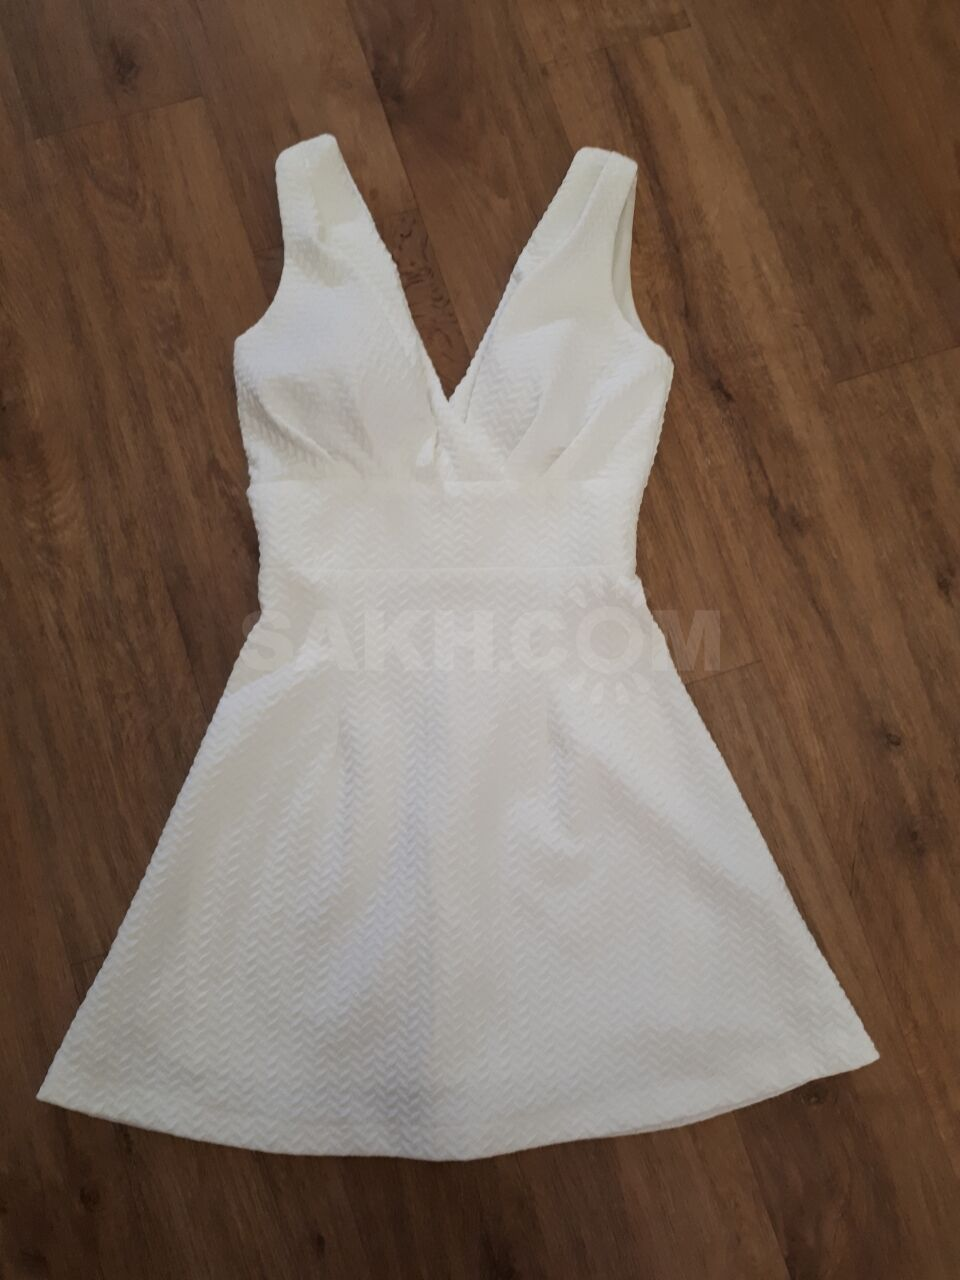 ee33c9b63dd 2-Черно -белое платье CHANEL (M размер) Цена - 2000. 3-Платье (размер М)  Цена - 1500 4-Классическое платье (размер XL) Цена - 1000